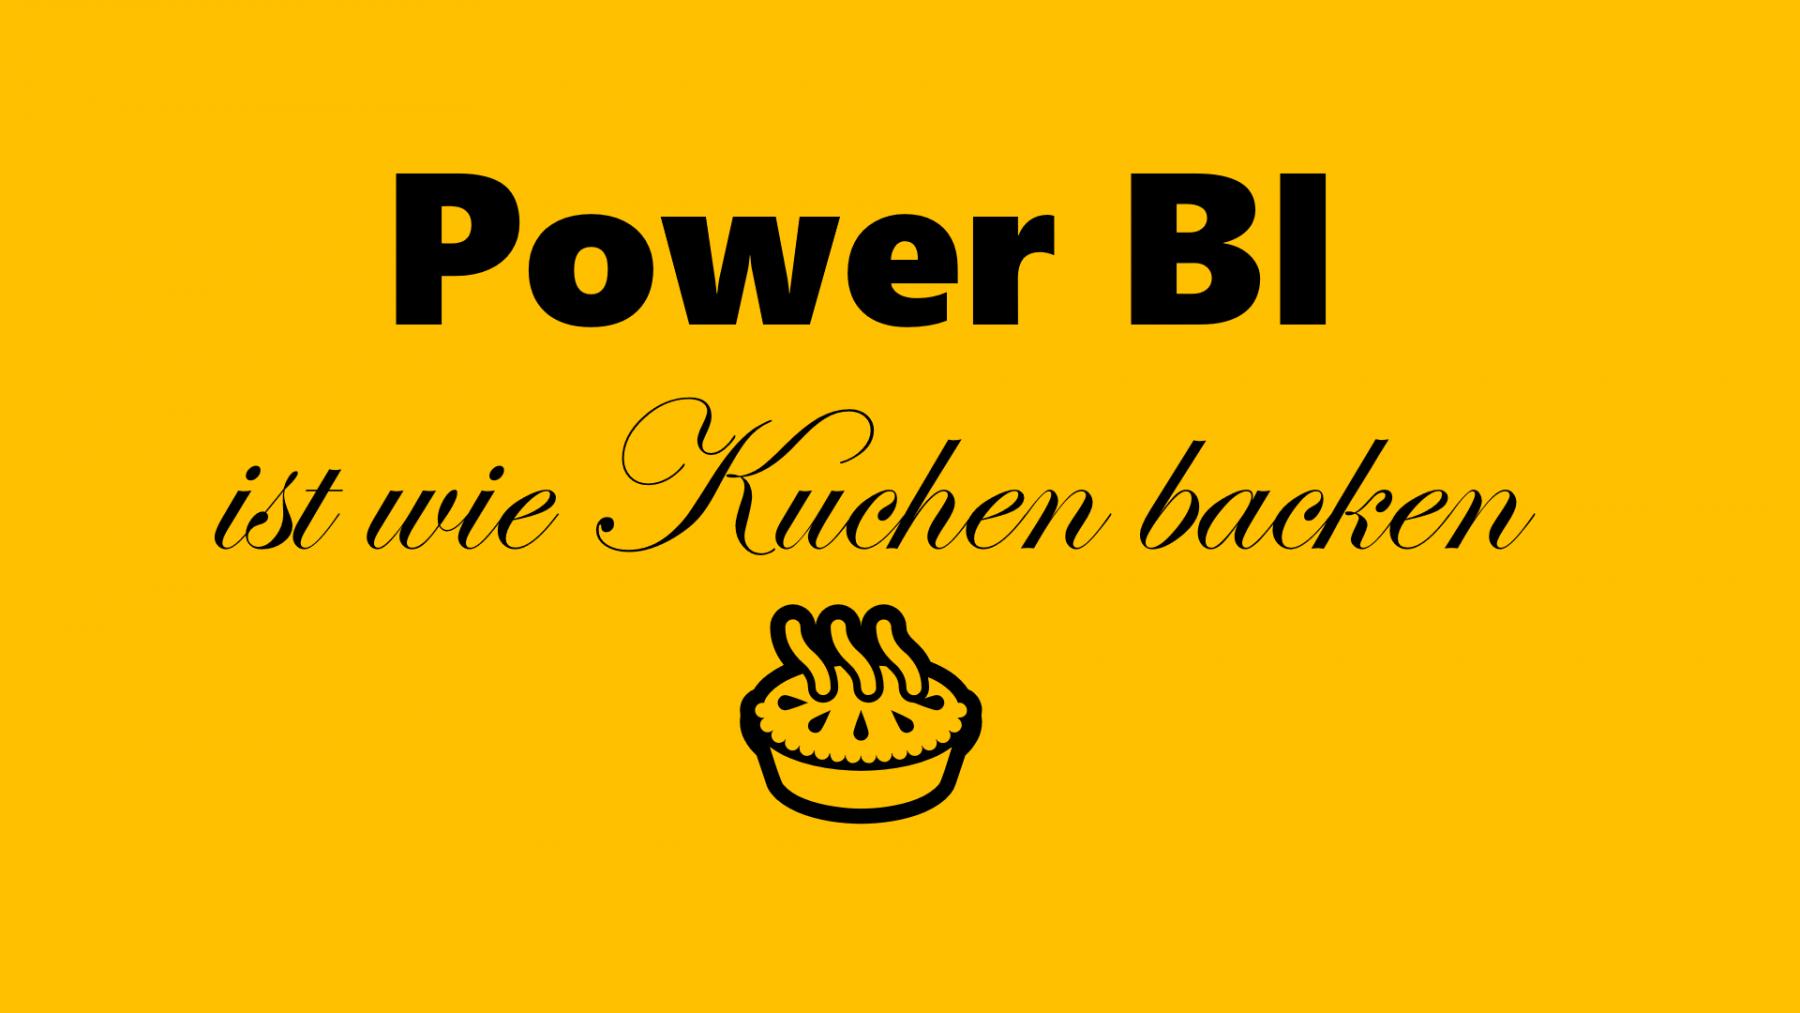 Power-BI-Kuchen-backen-01